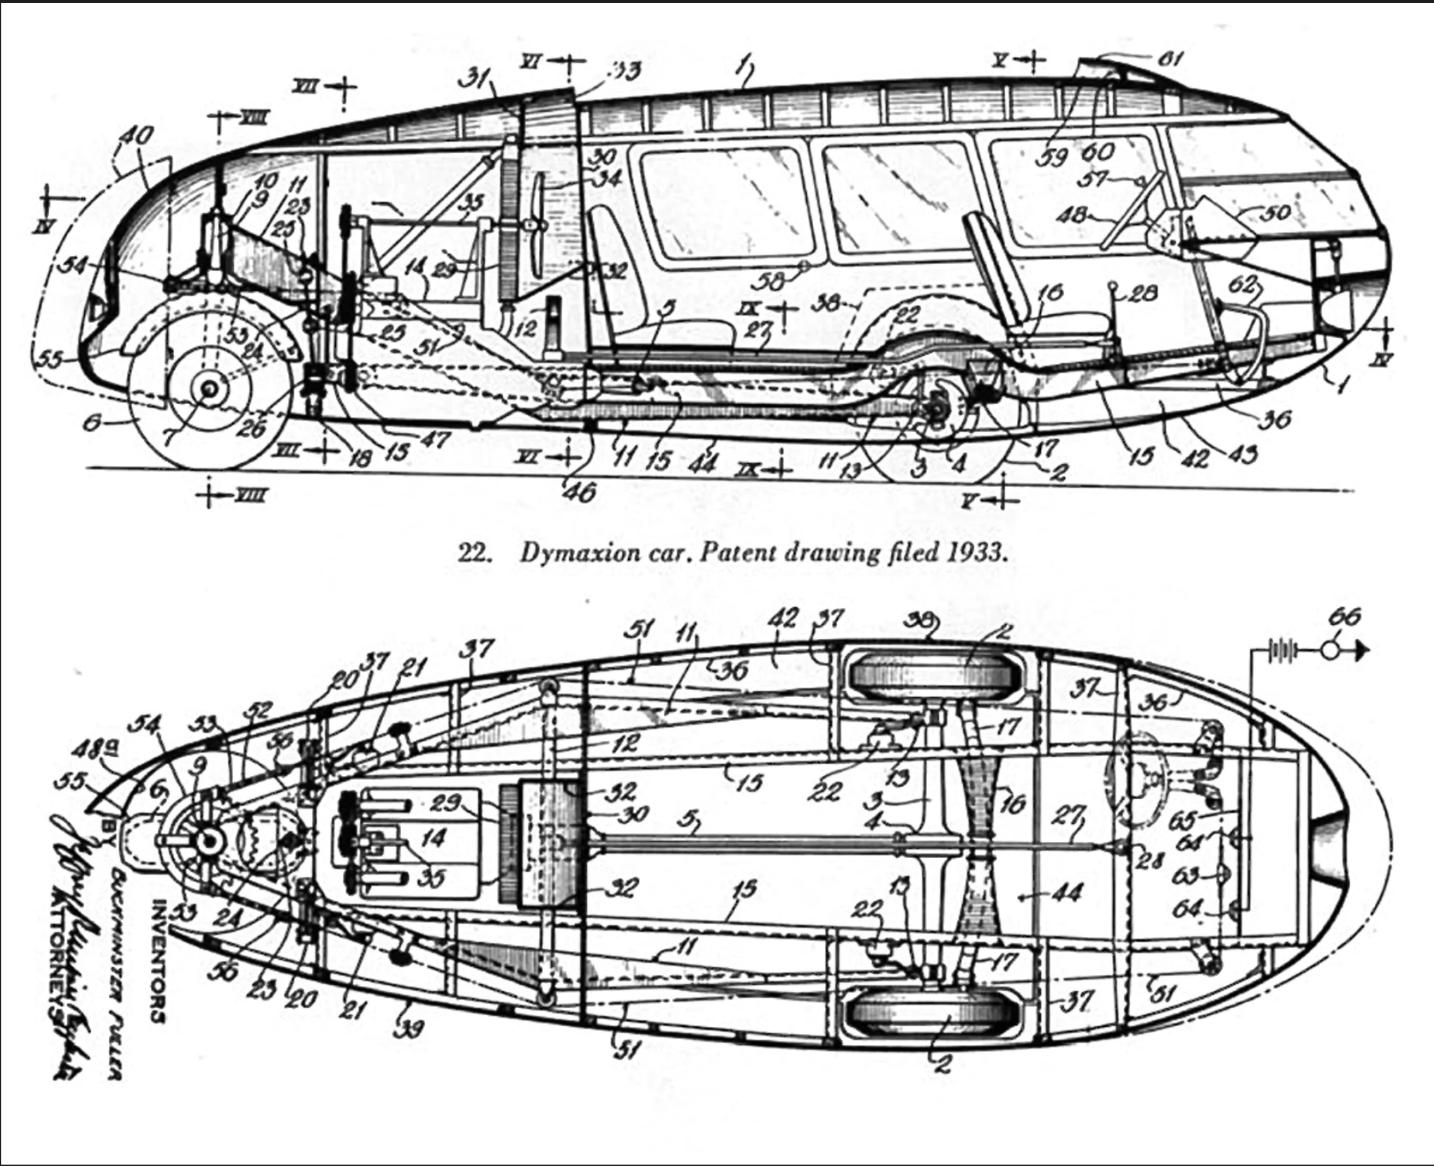 Dymaxion-2